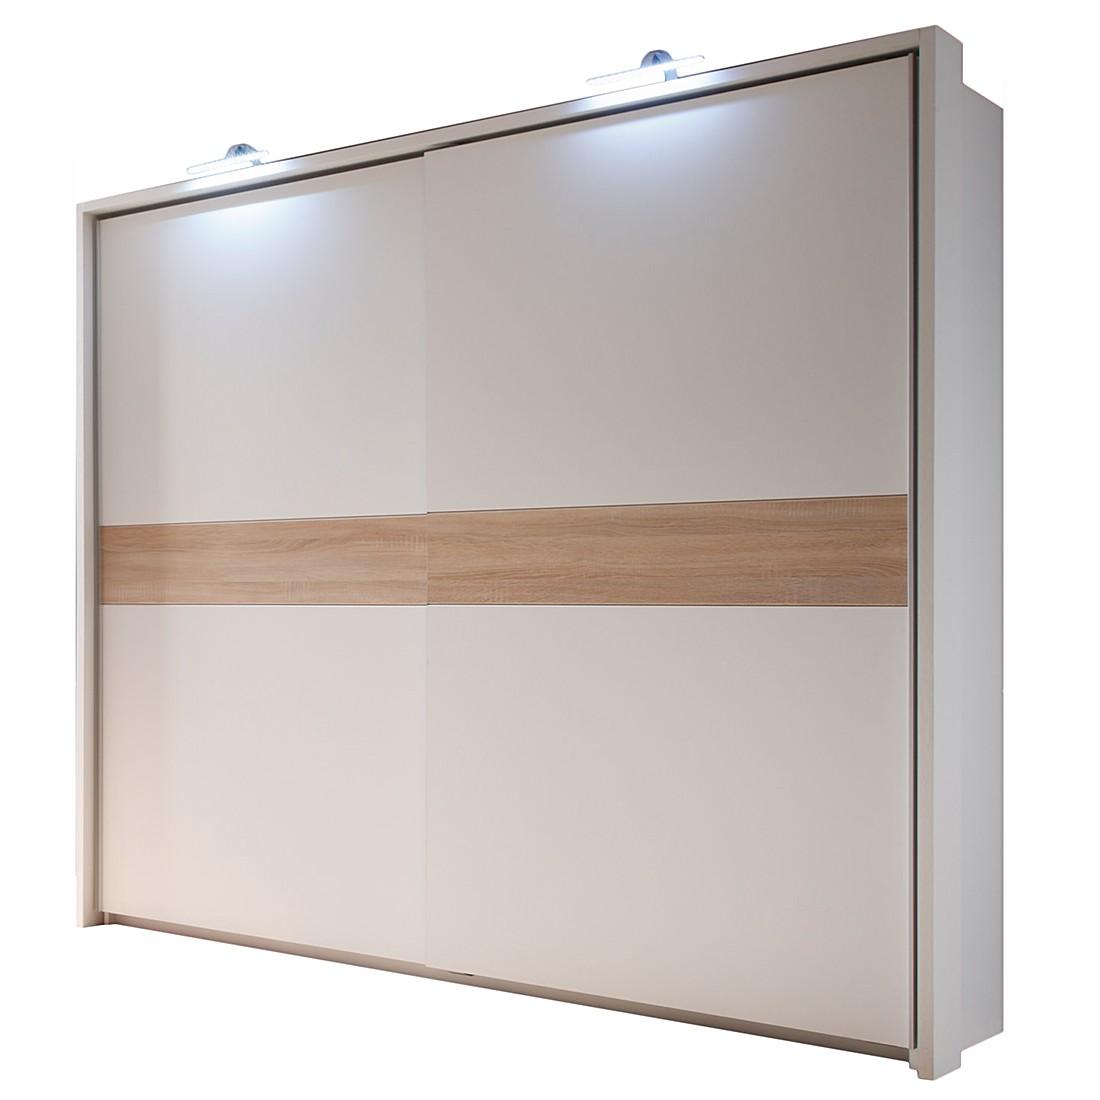 Armoire à portes coulissantes Veneta - Blanc / Imitation chêne de San Remo, mooved image